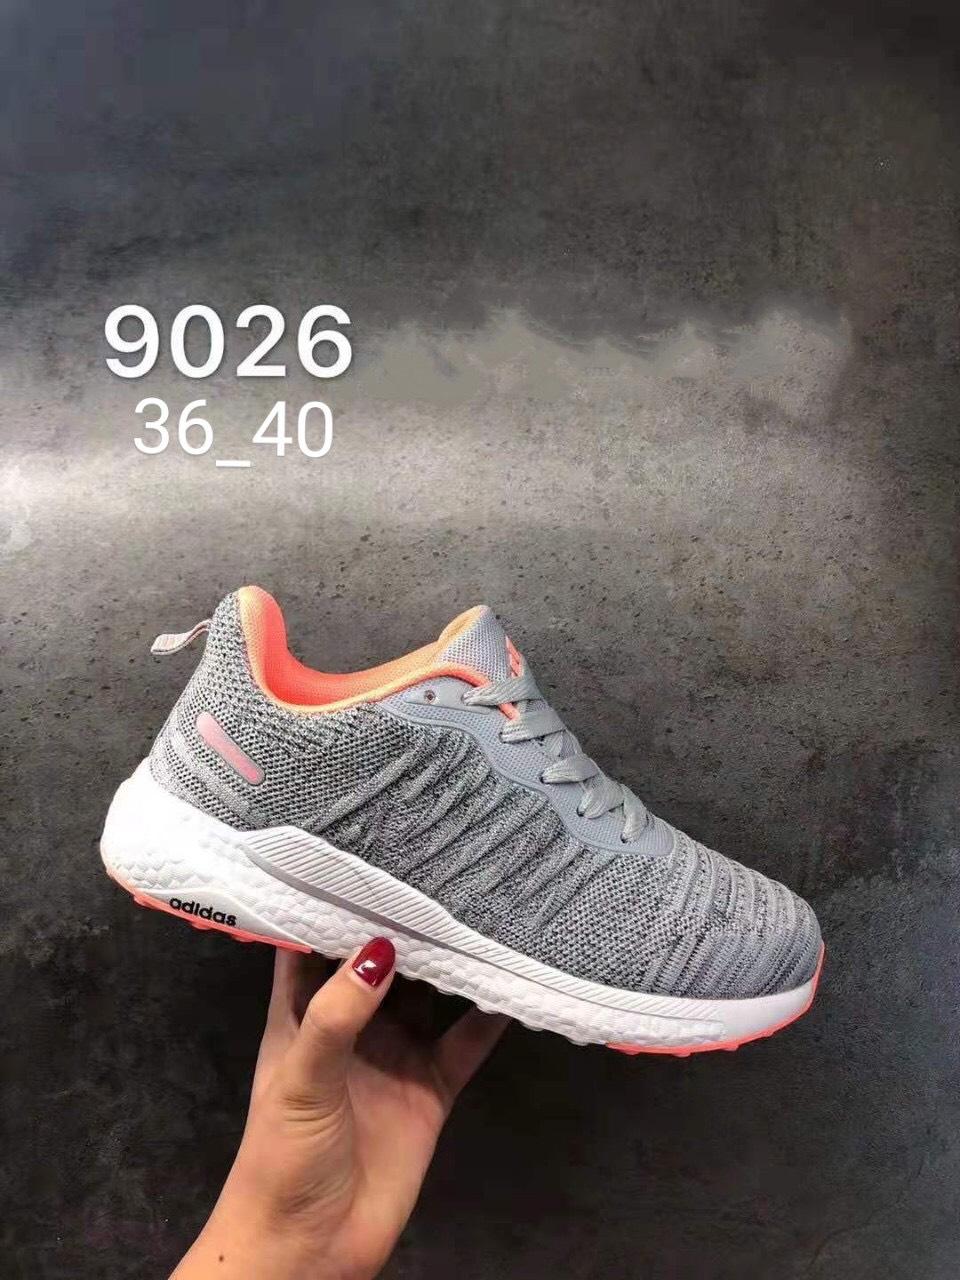 Giày Adidas Neo nữ V26 màu xám cam